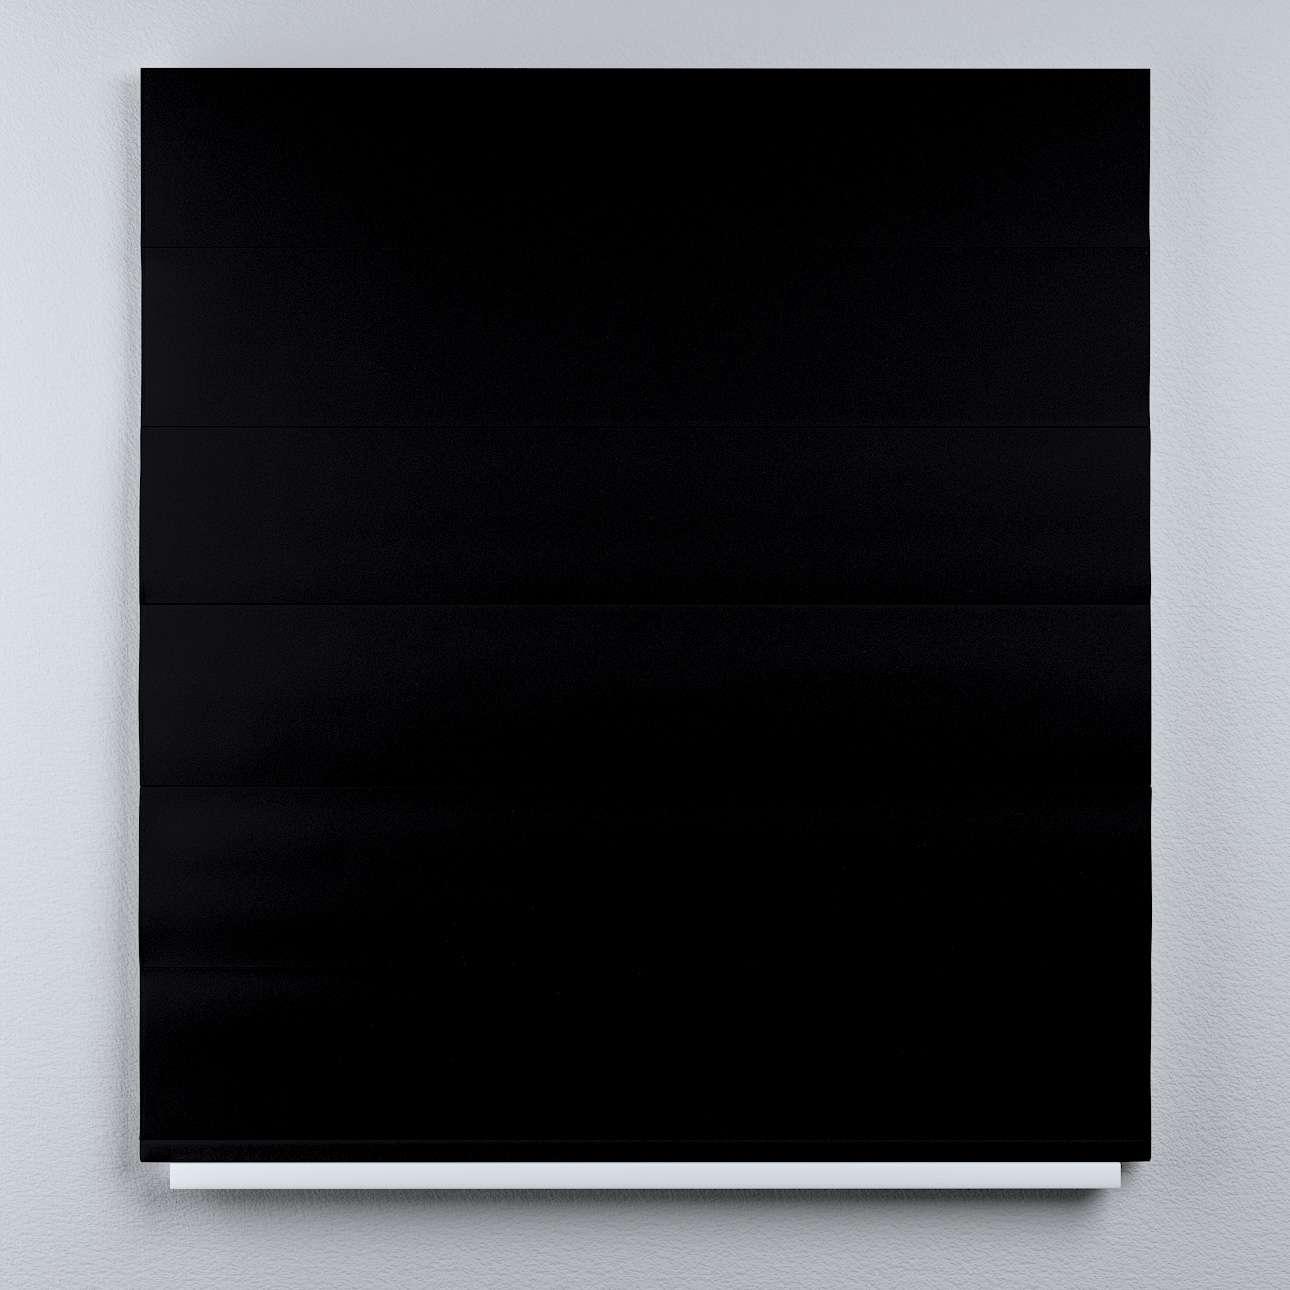 Blackout (verdunkelnd) 269-99 von der Kollektion Blackout (verdunkelnd), Stoff: 269-99